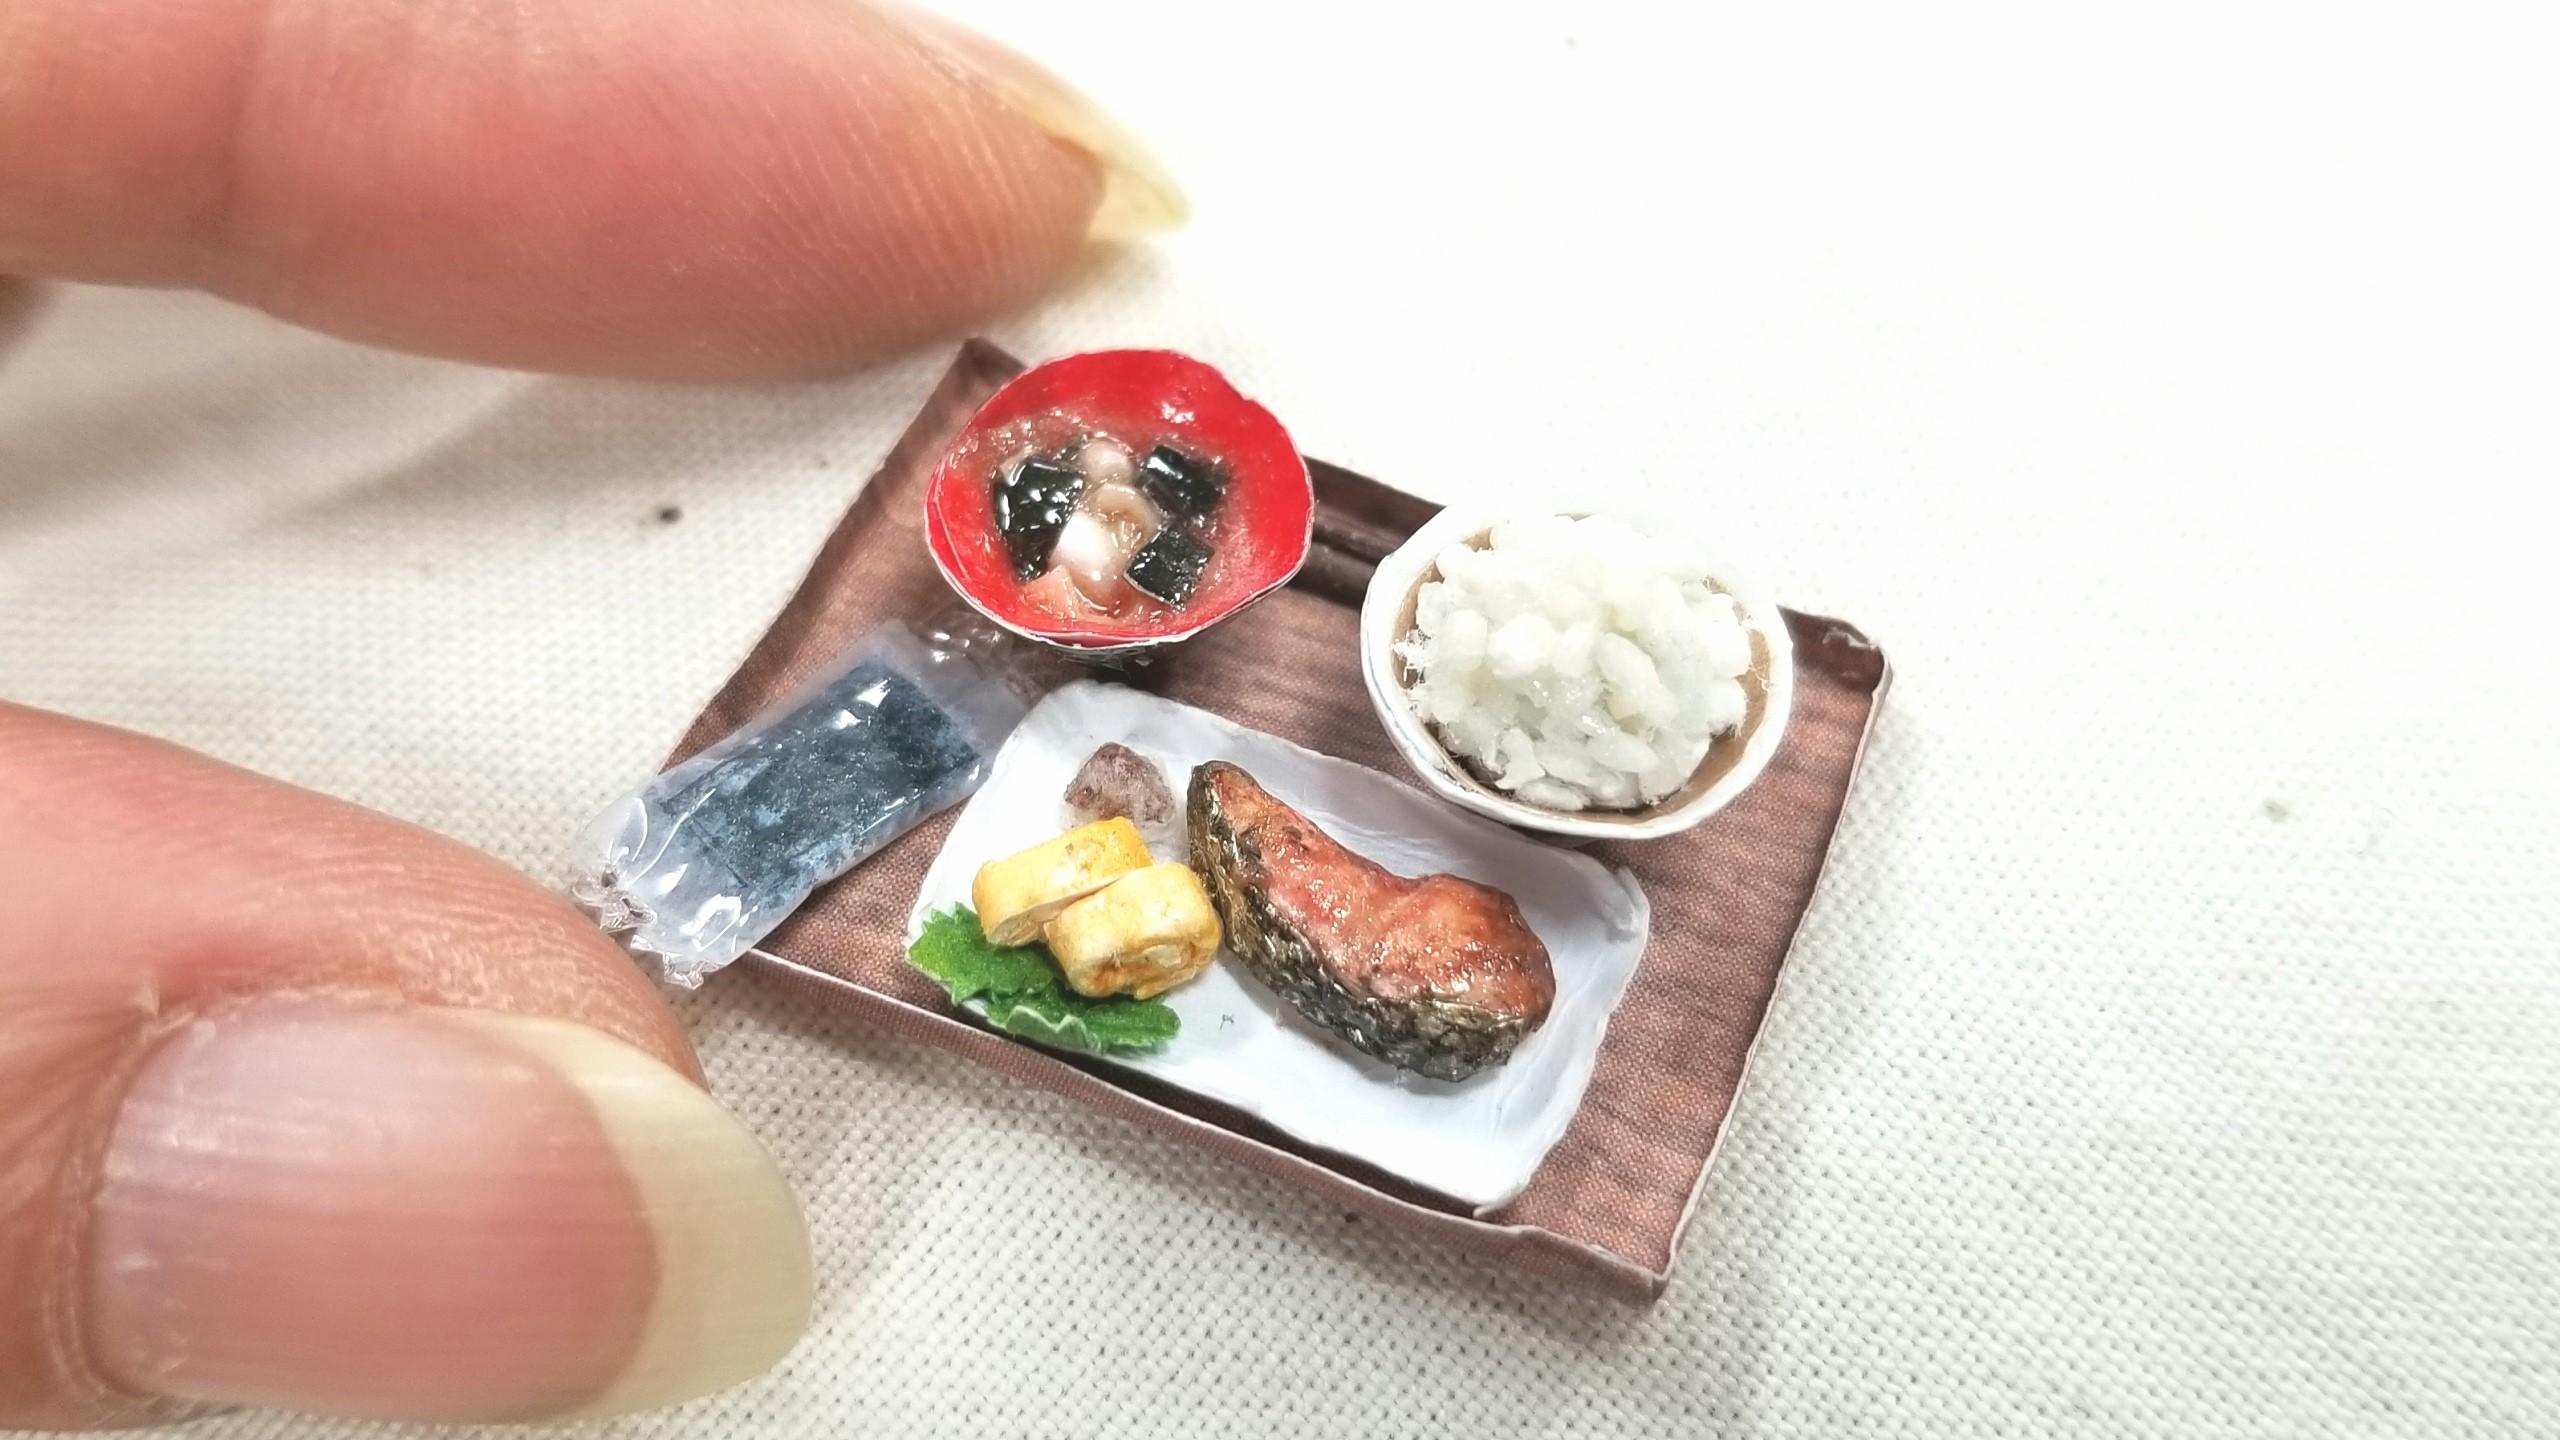 ペーパークラフト,手作紙アート,ミニチュアフード,焼き魚定食,鮭ご飯